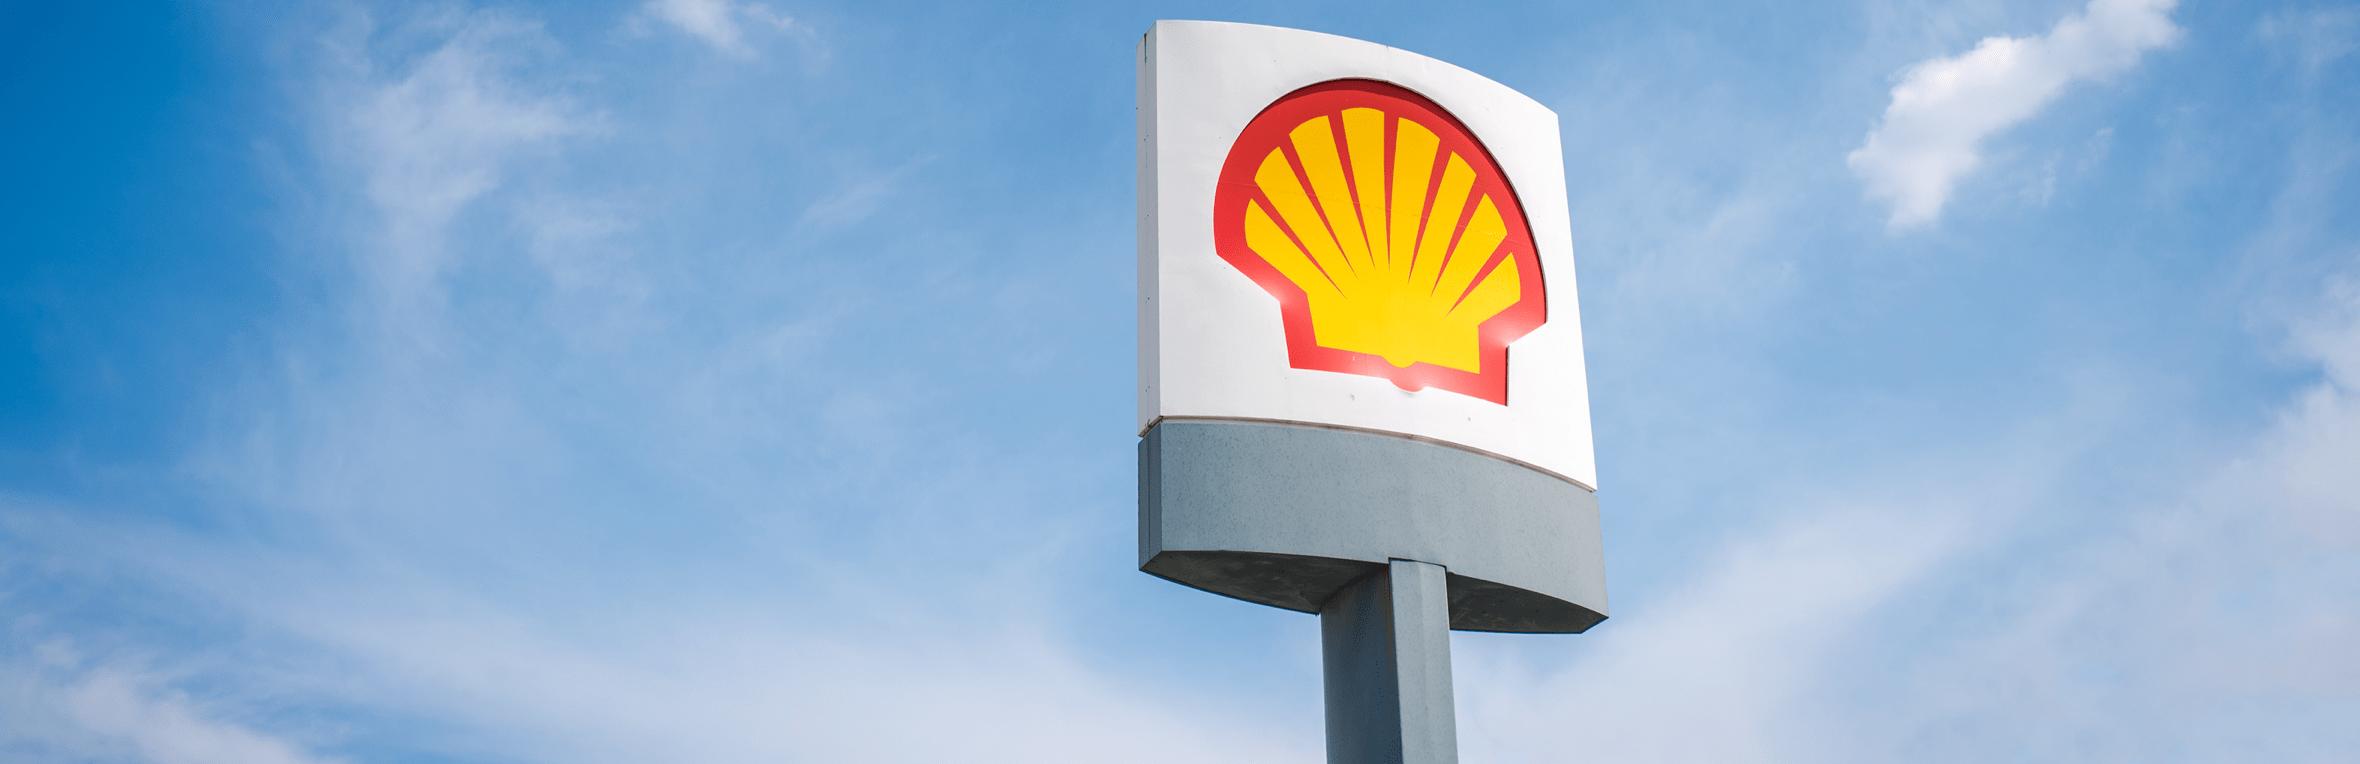 Shell-led Hydrogen Storage